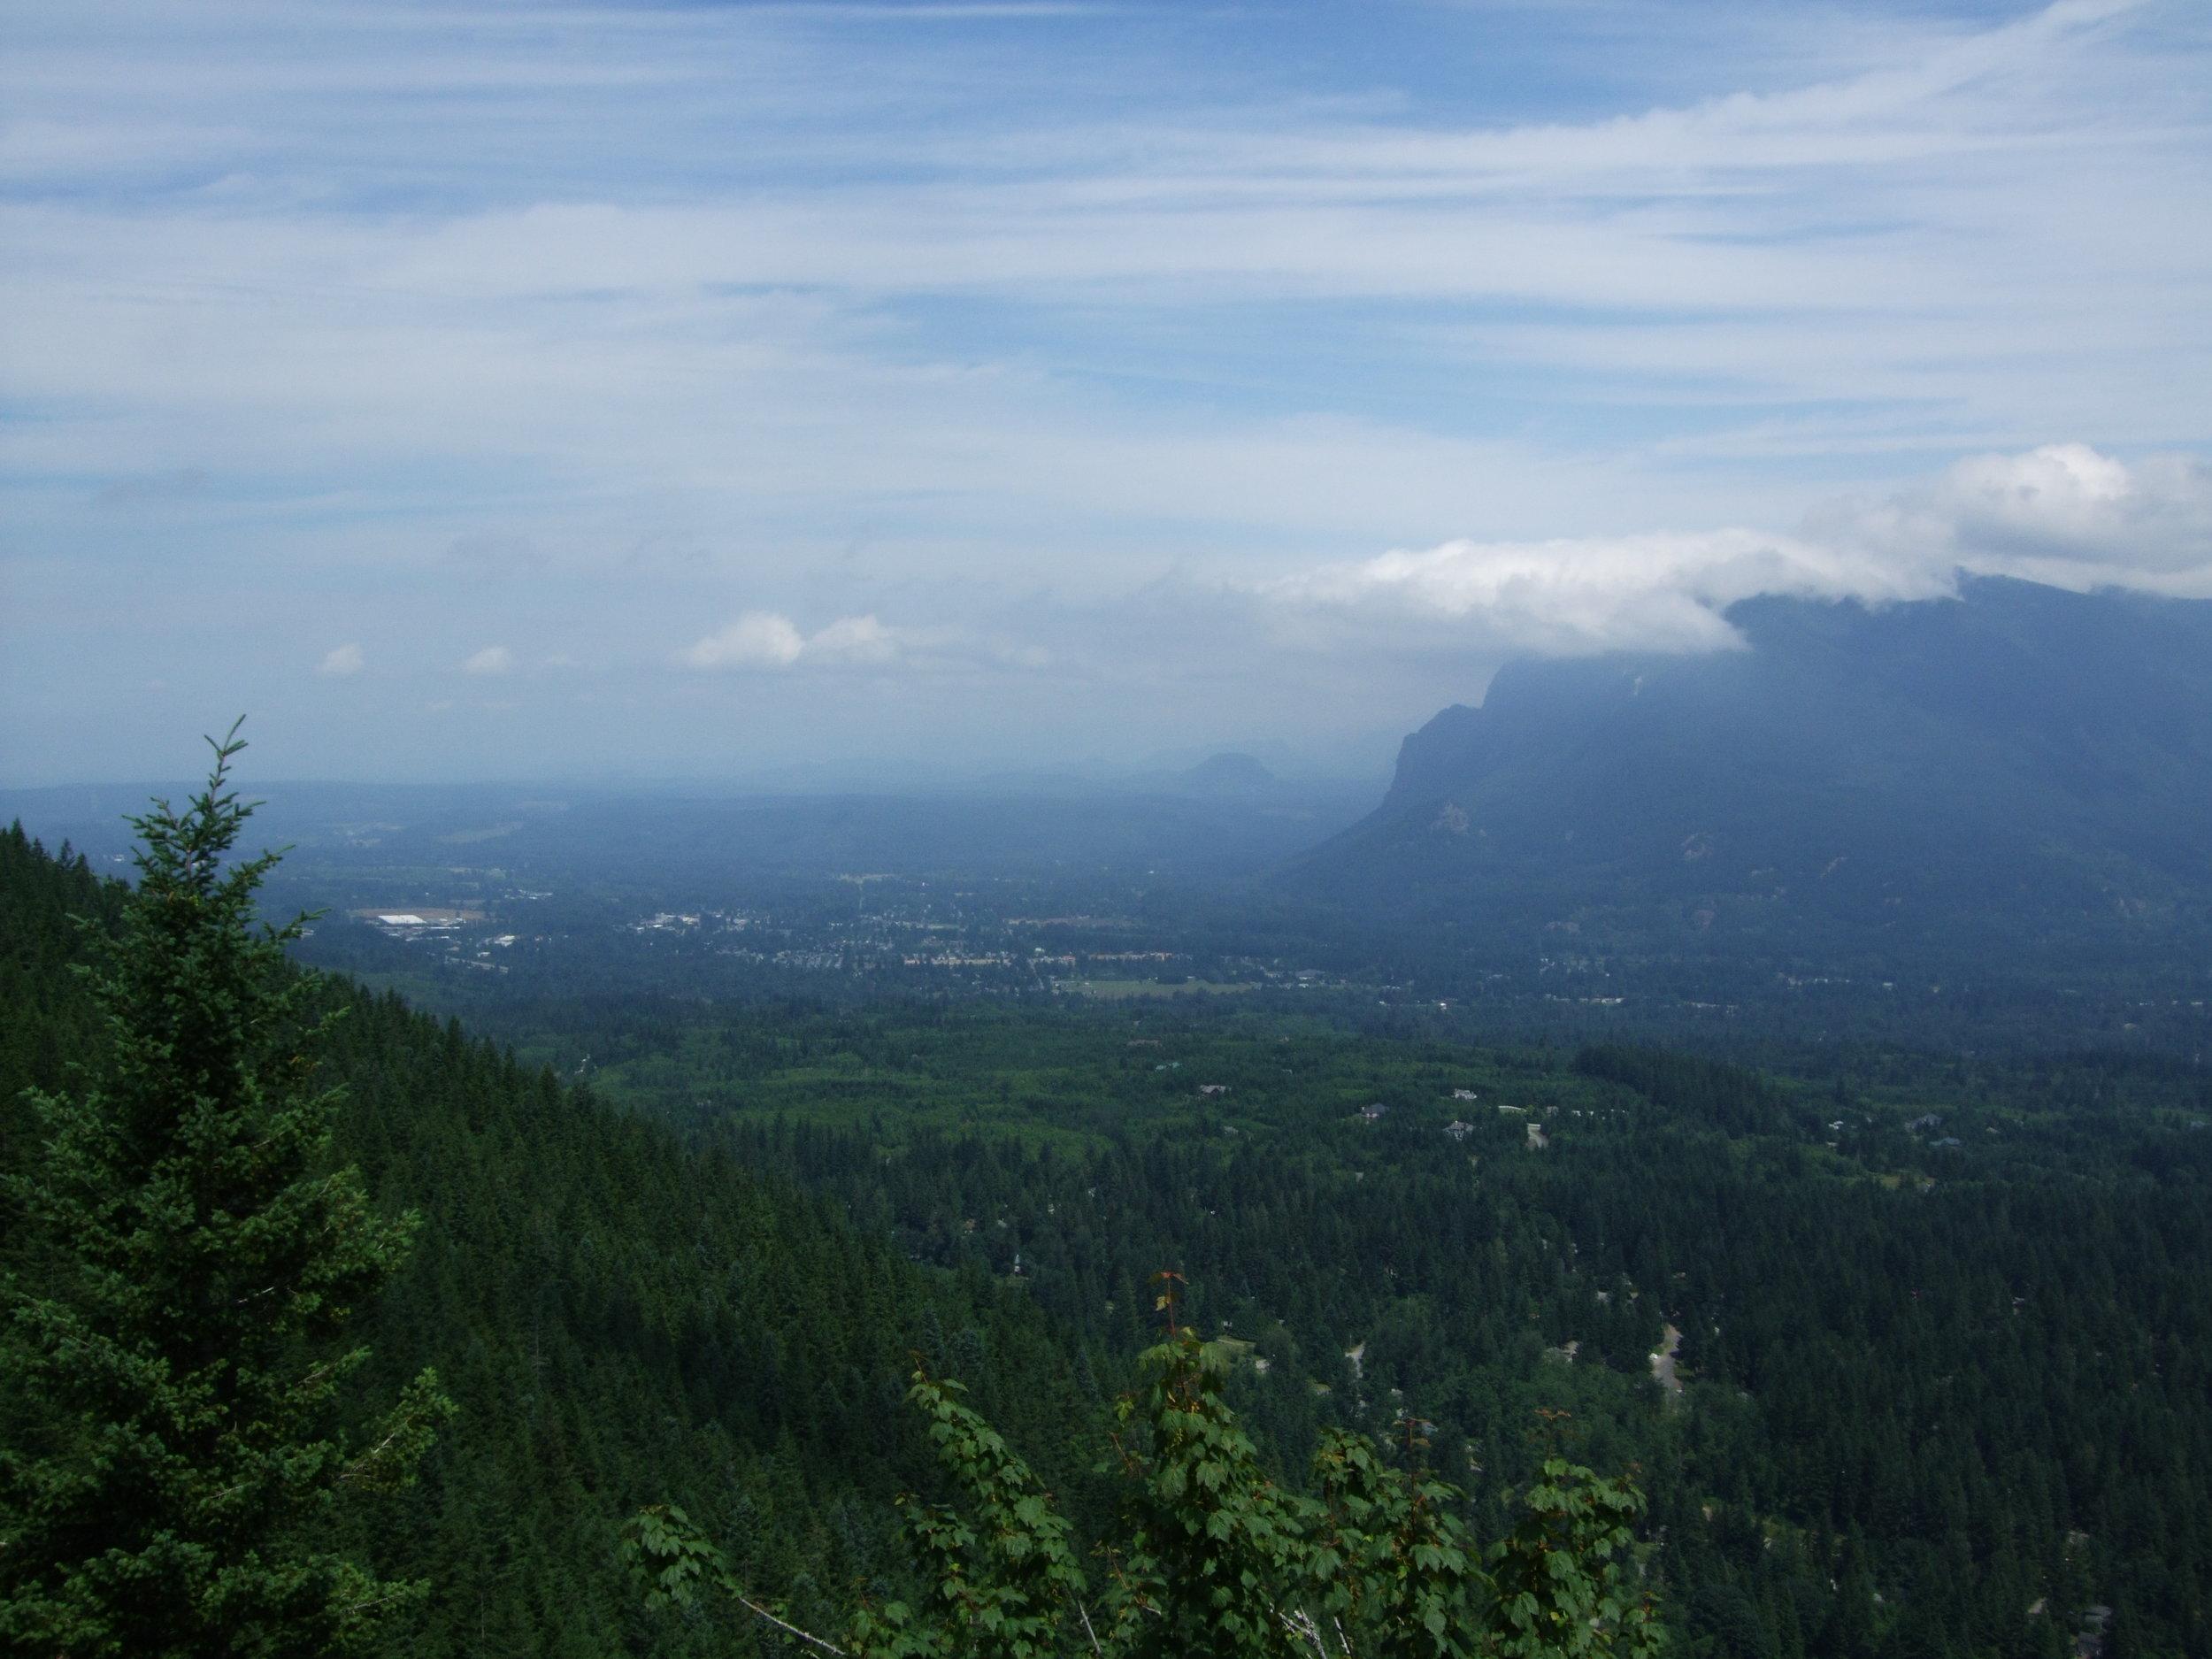 Rattlesnake Ridge, July 2013